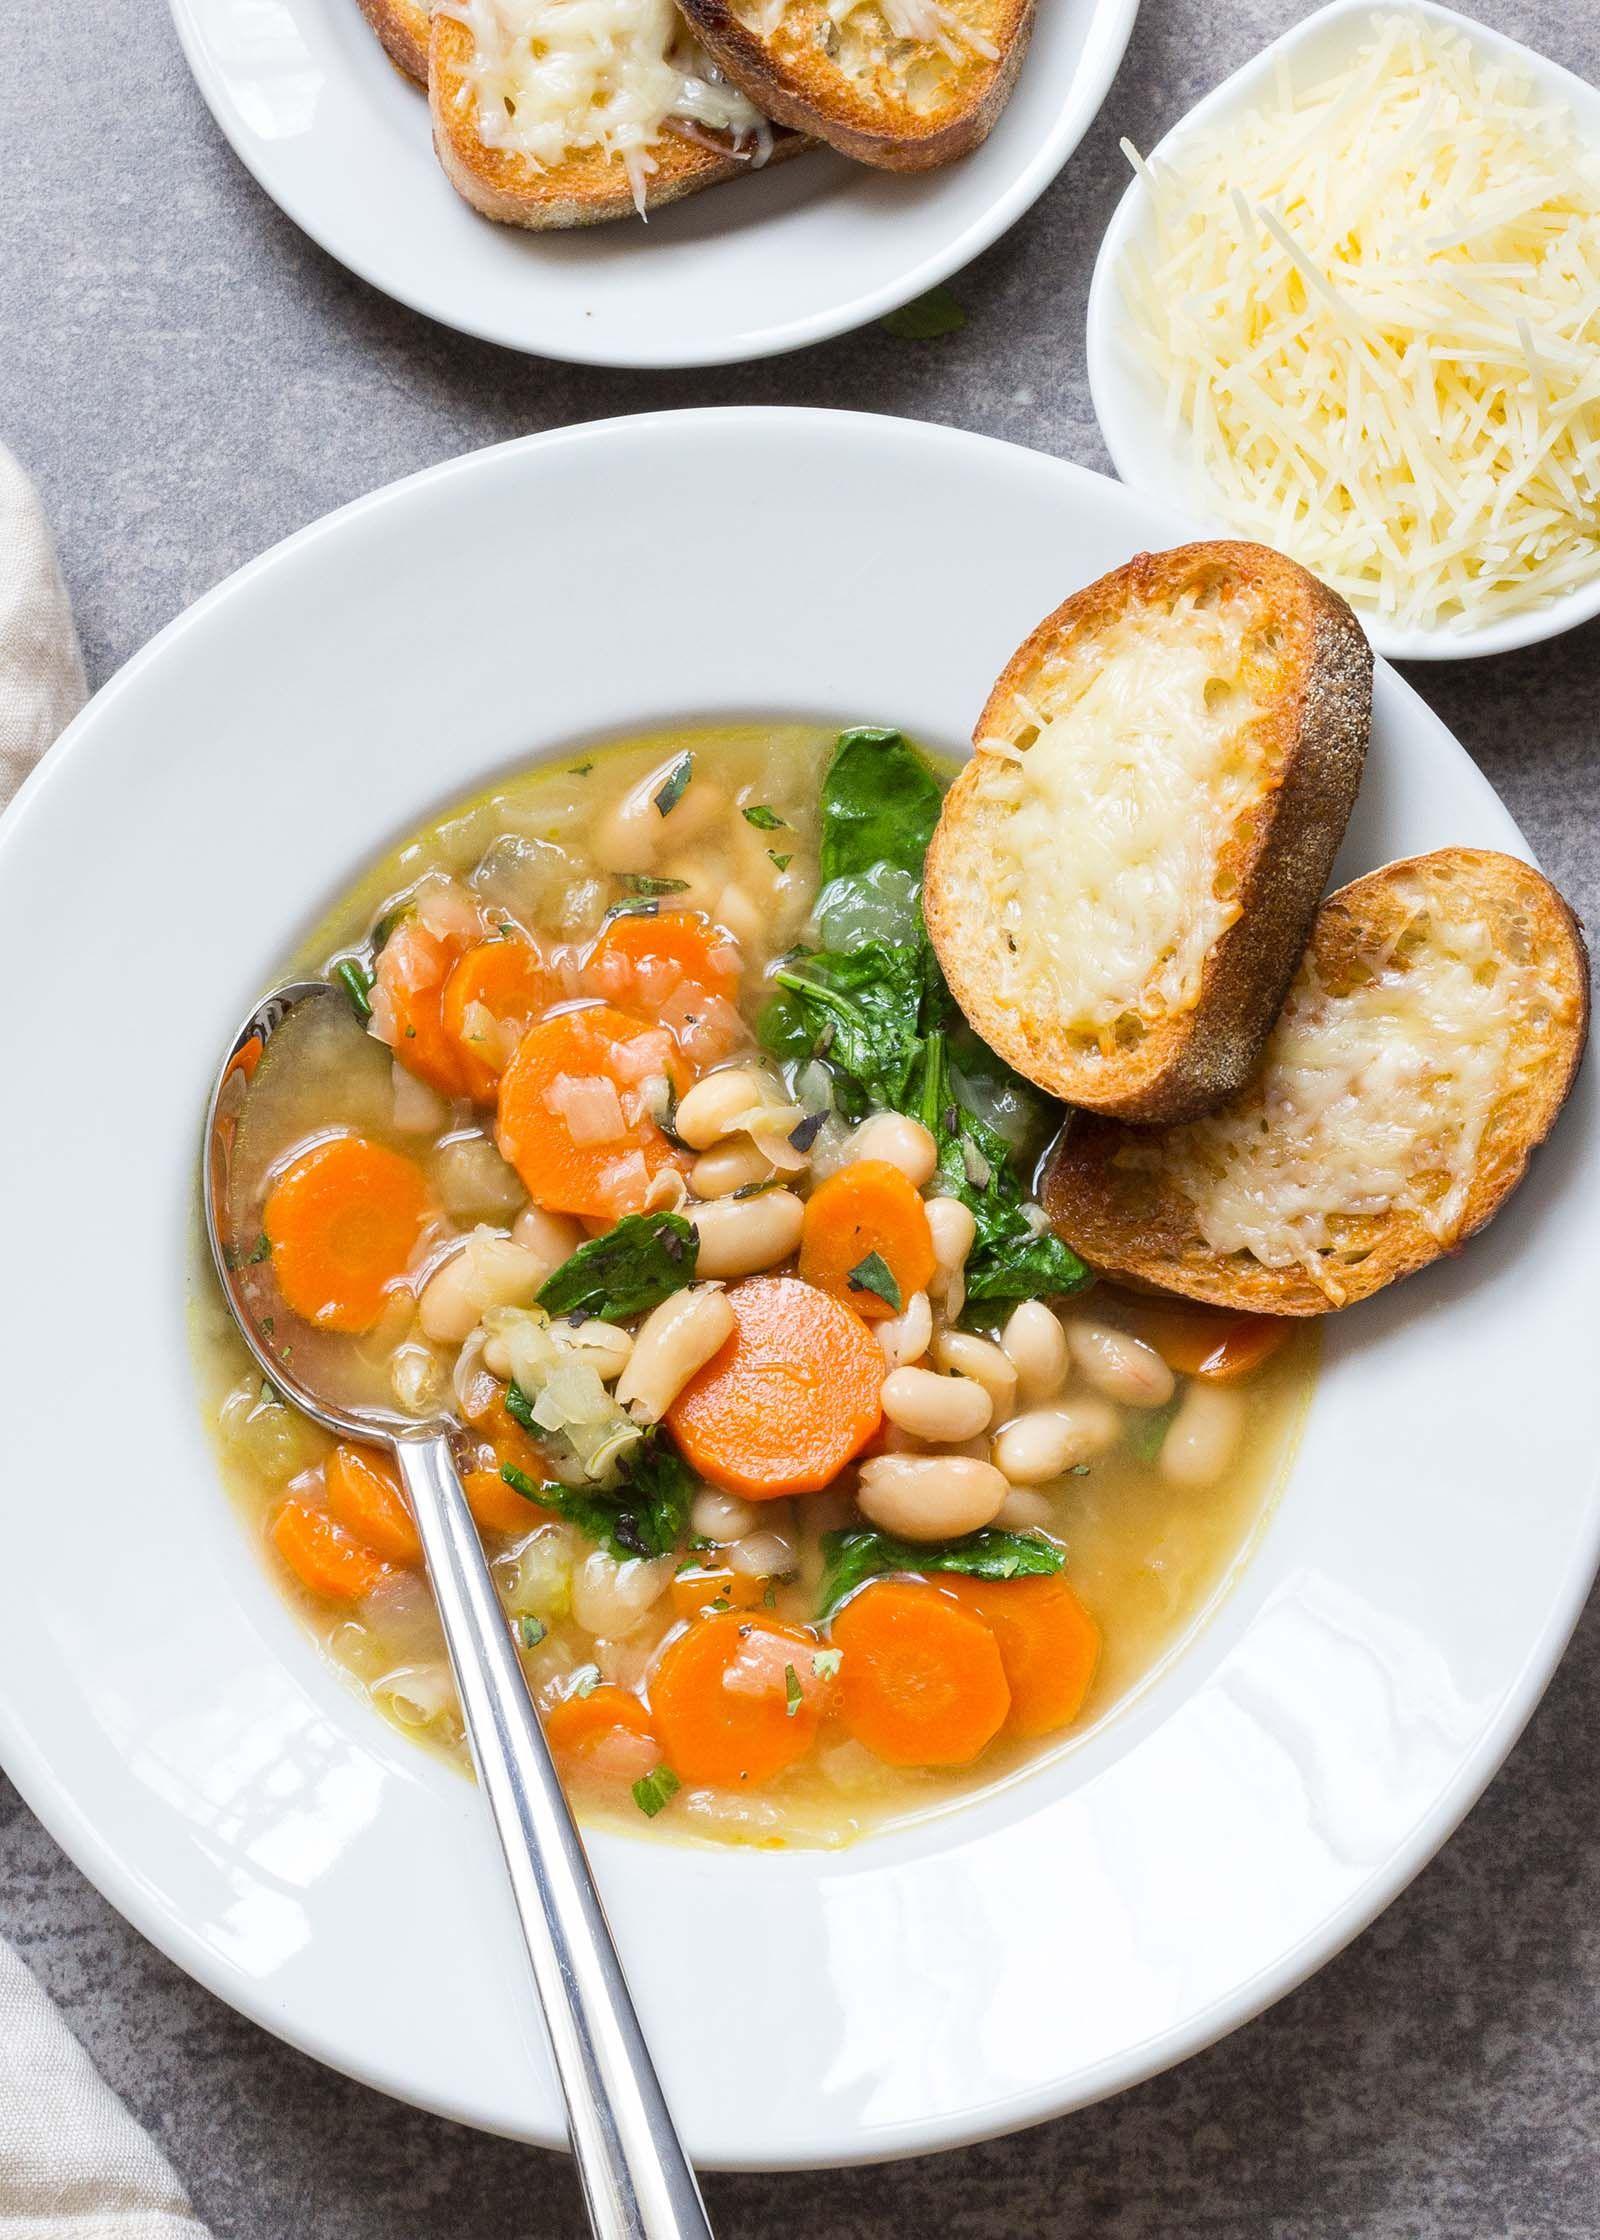 Easy Tuscan Bean Soup Comida vegana Recetas fciles y Recetas de